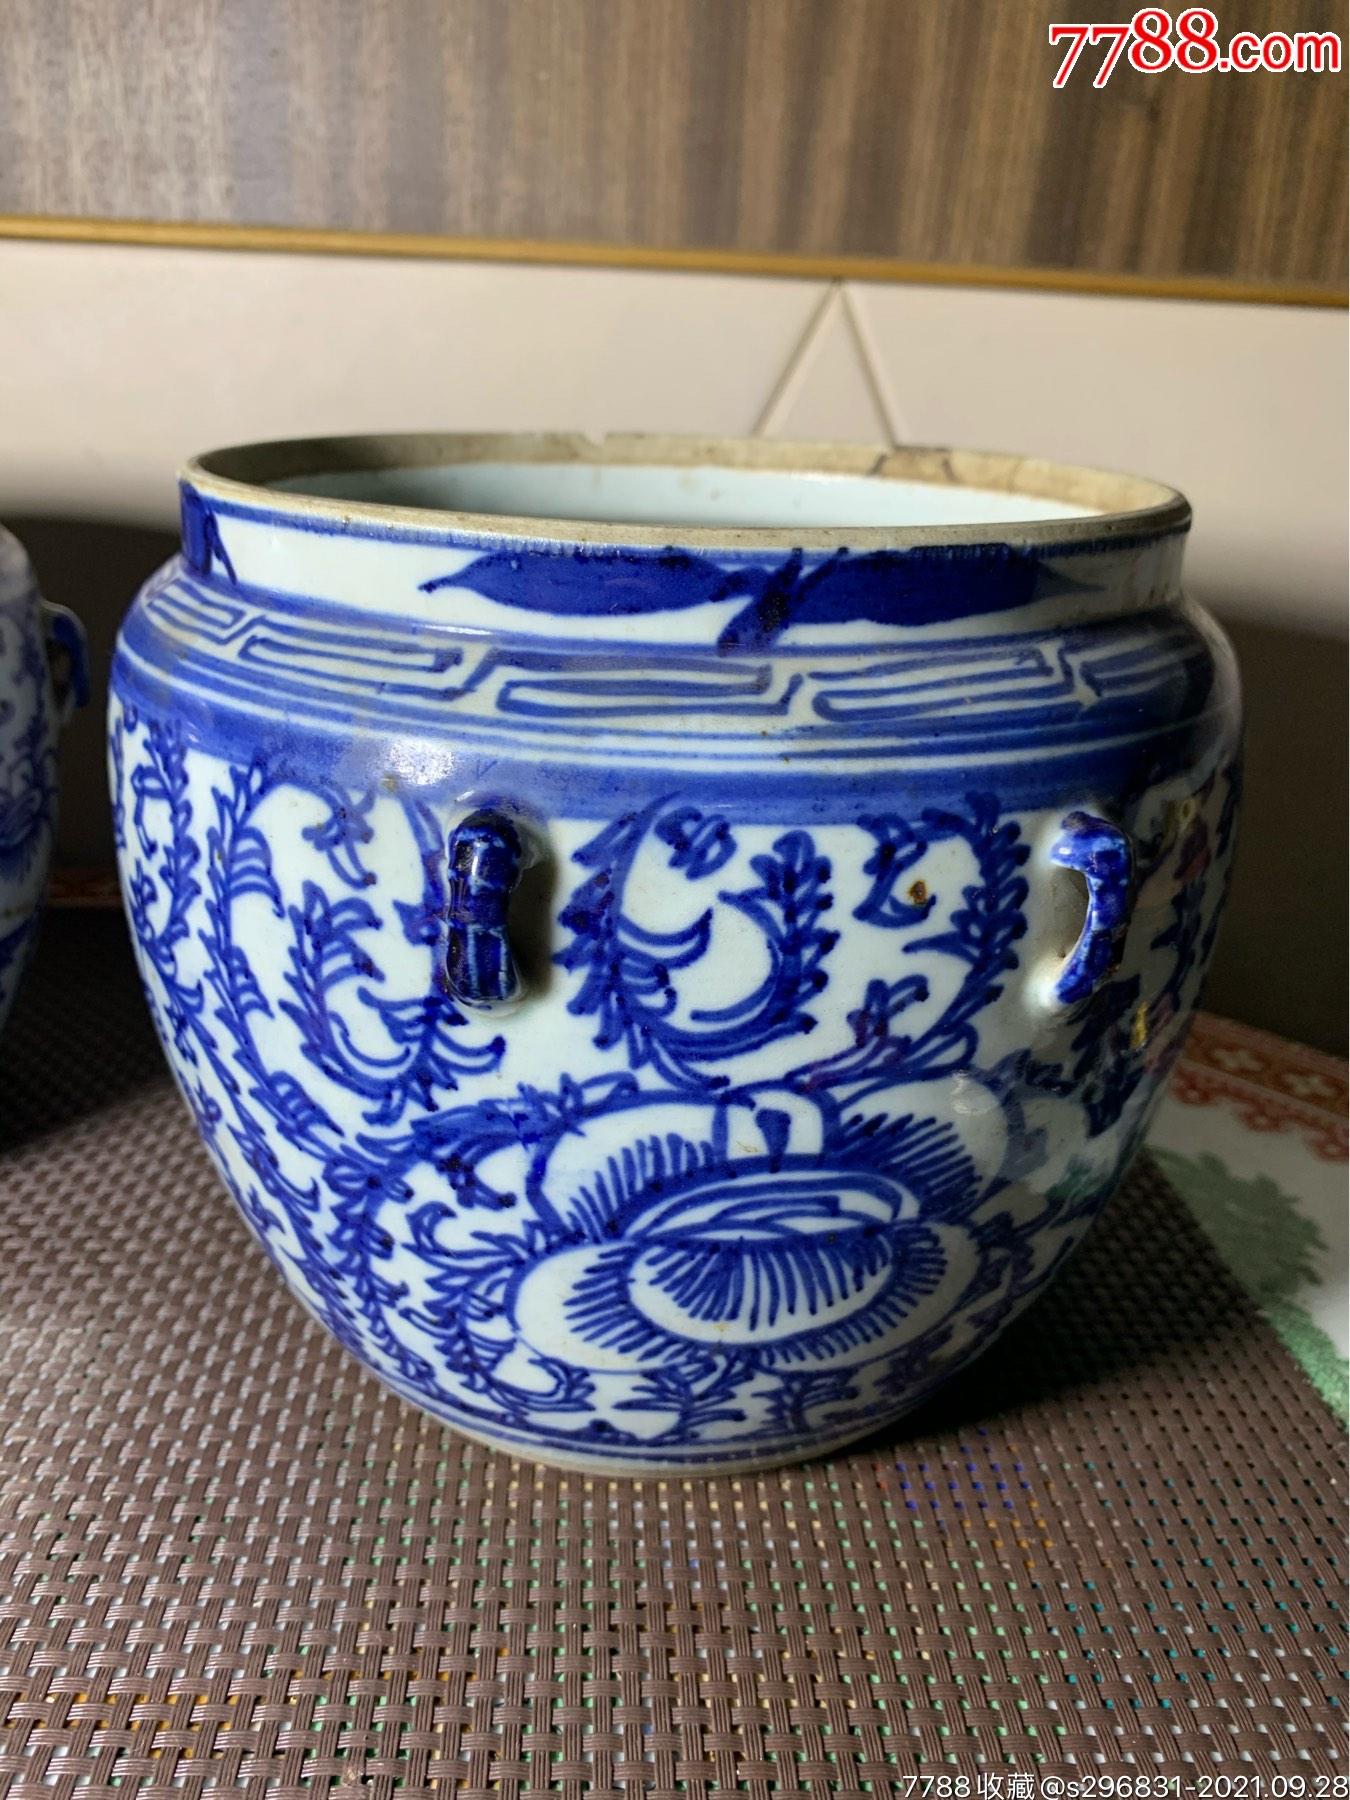 民国青花花卉罐一对_价格1240元_第3张_